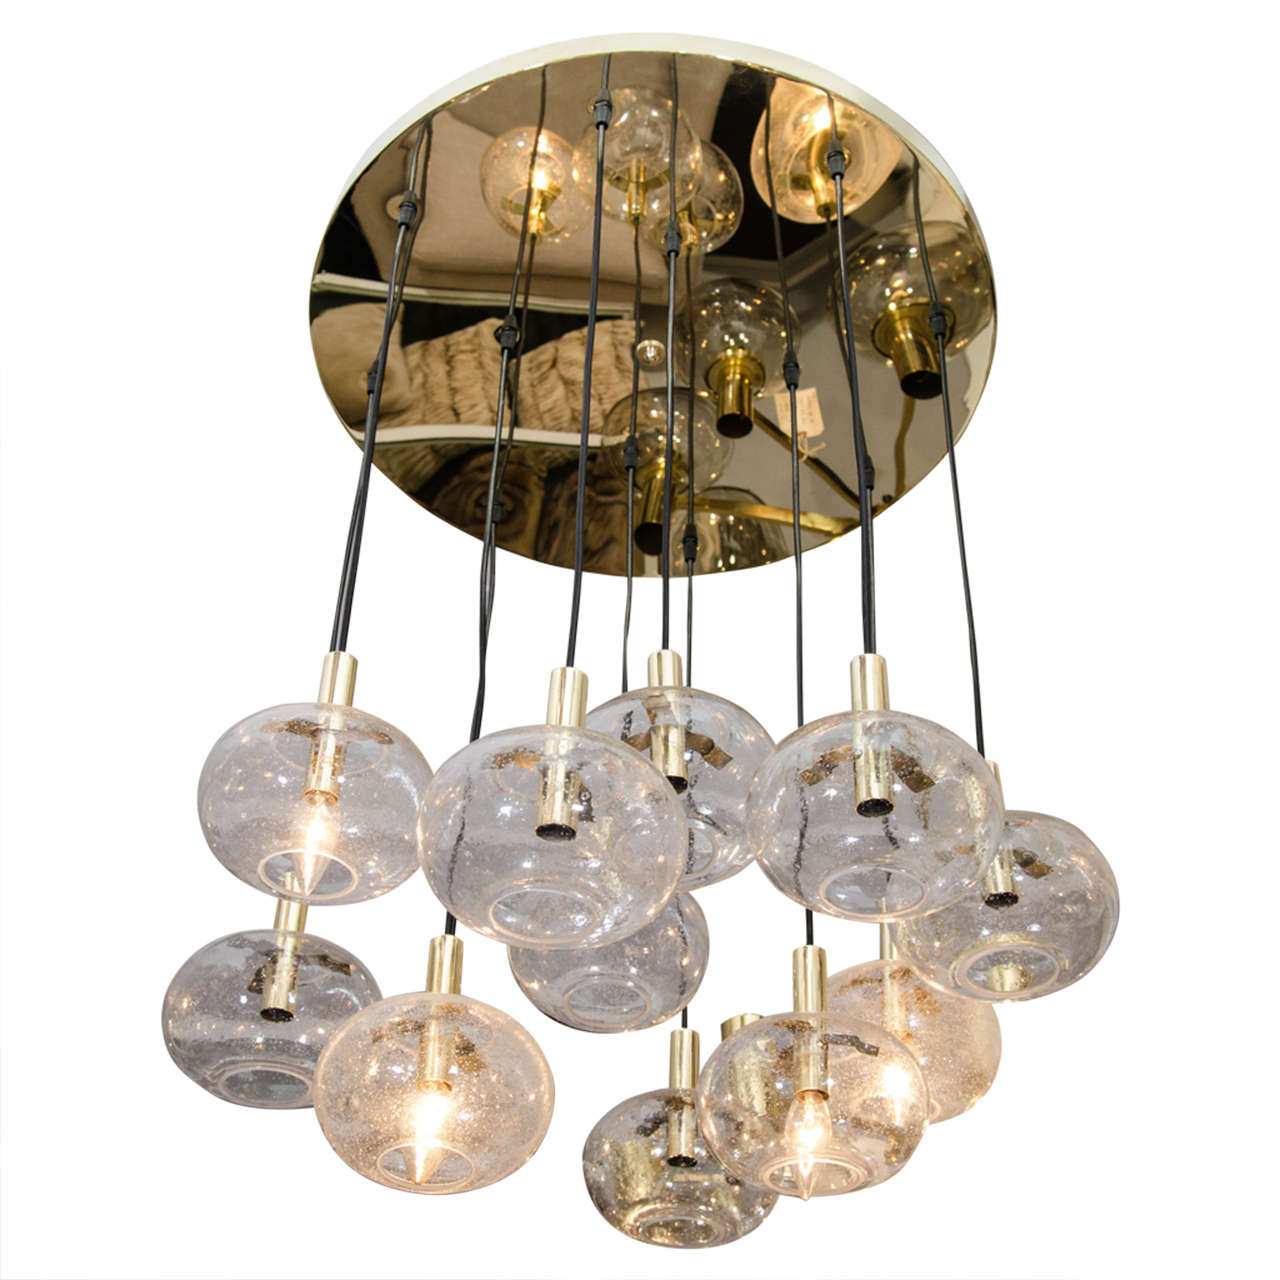 Custom Twelve Globe Chandelier With Brass Canopy 1